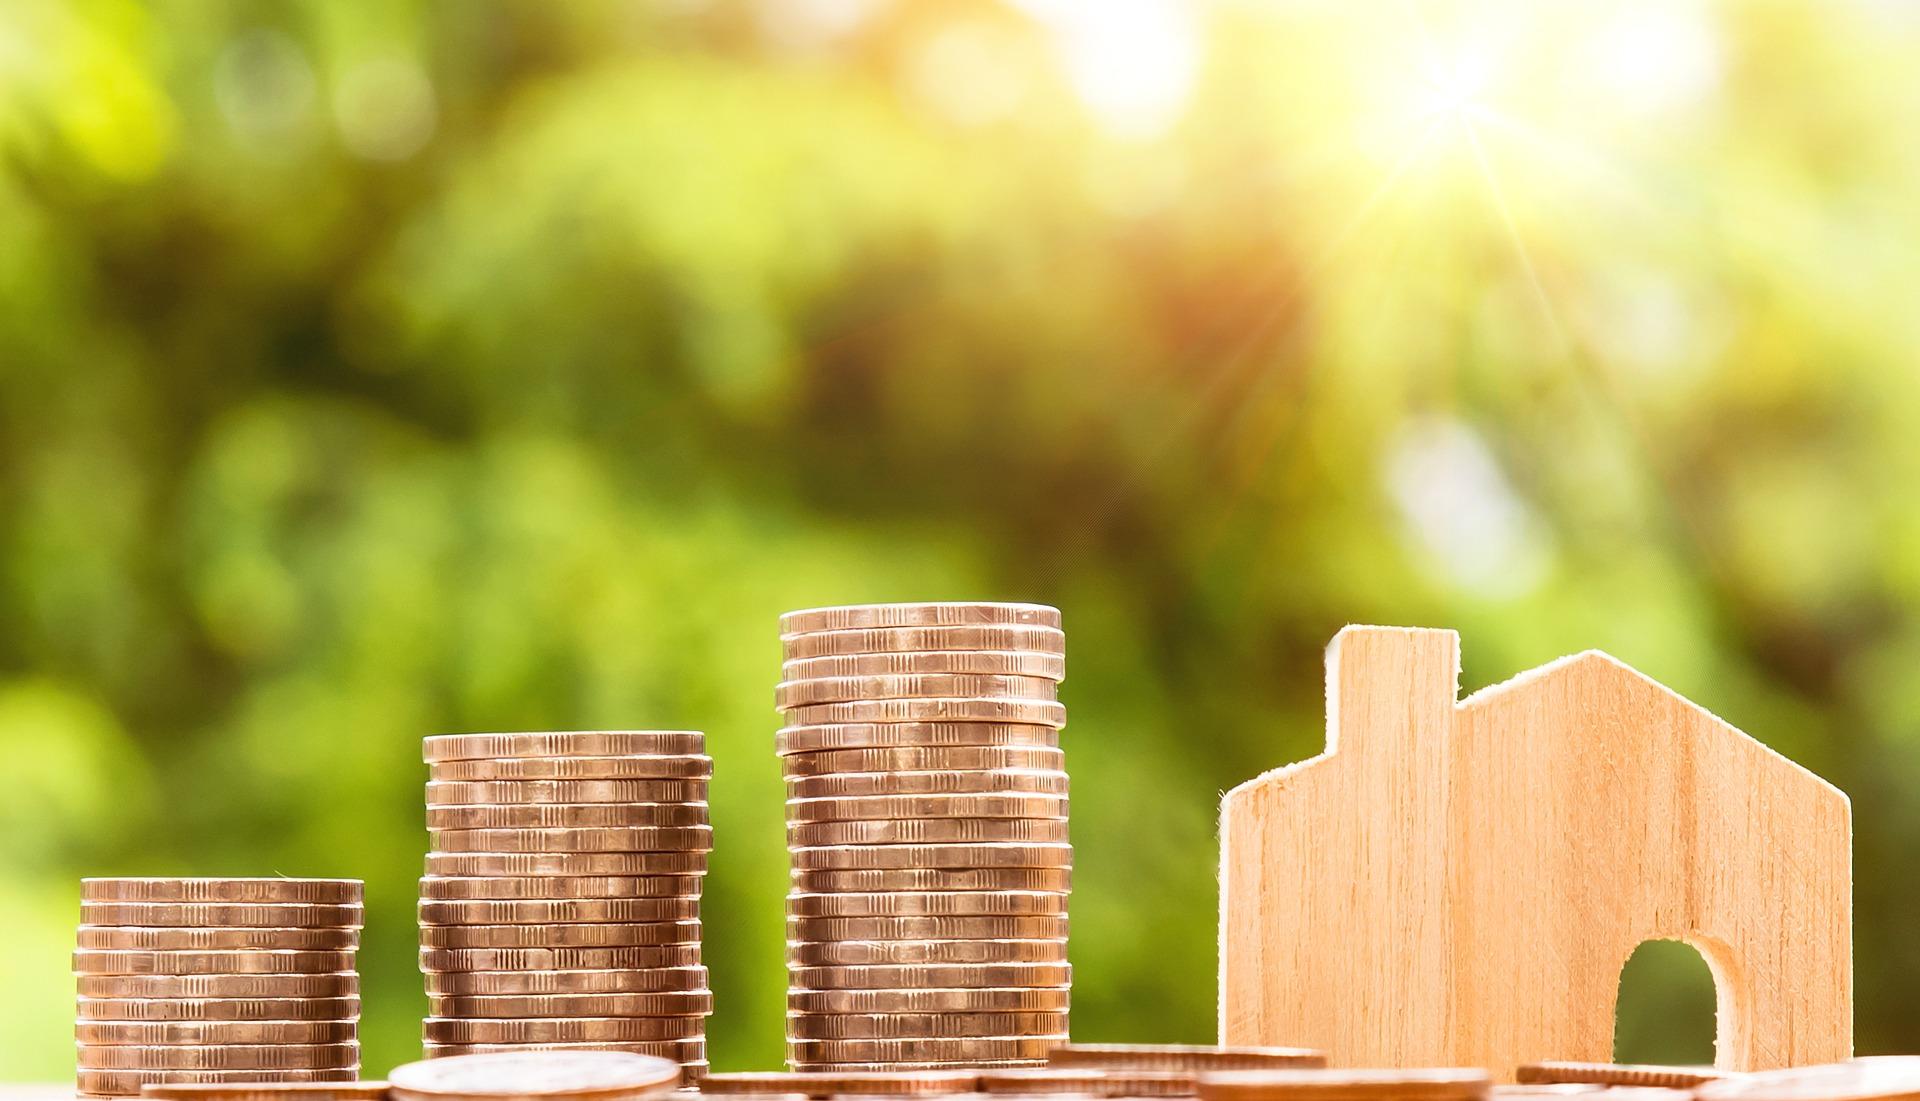 Cláusulas hipoteca: los bancos más reclamados